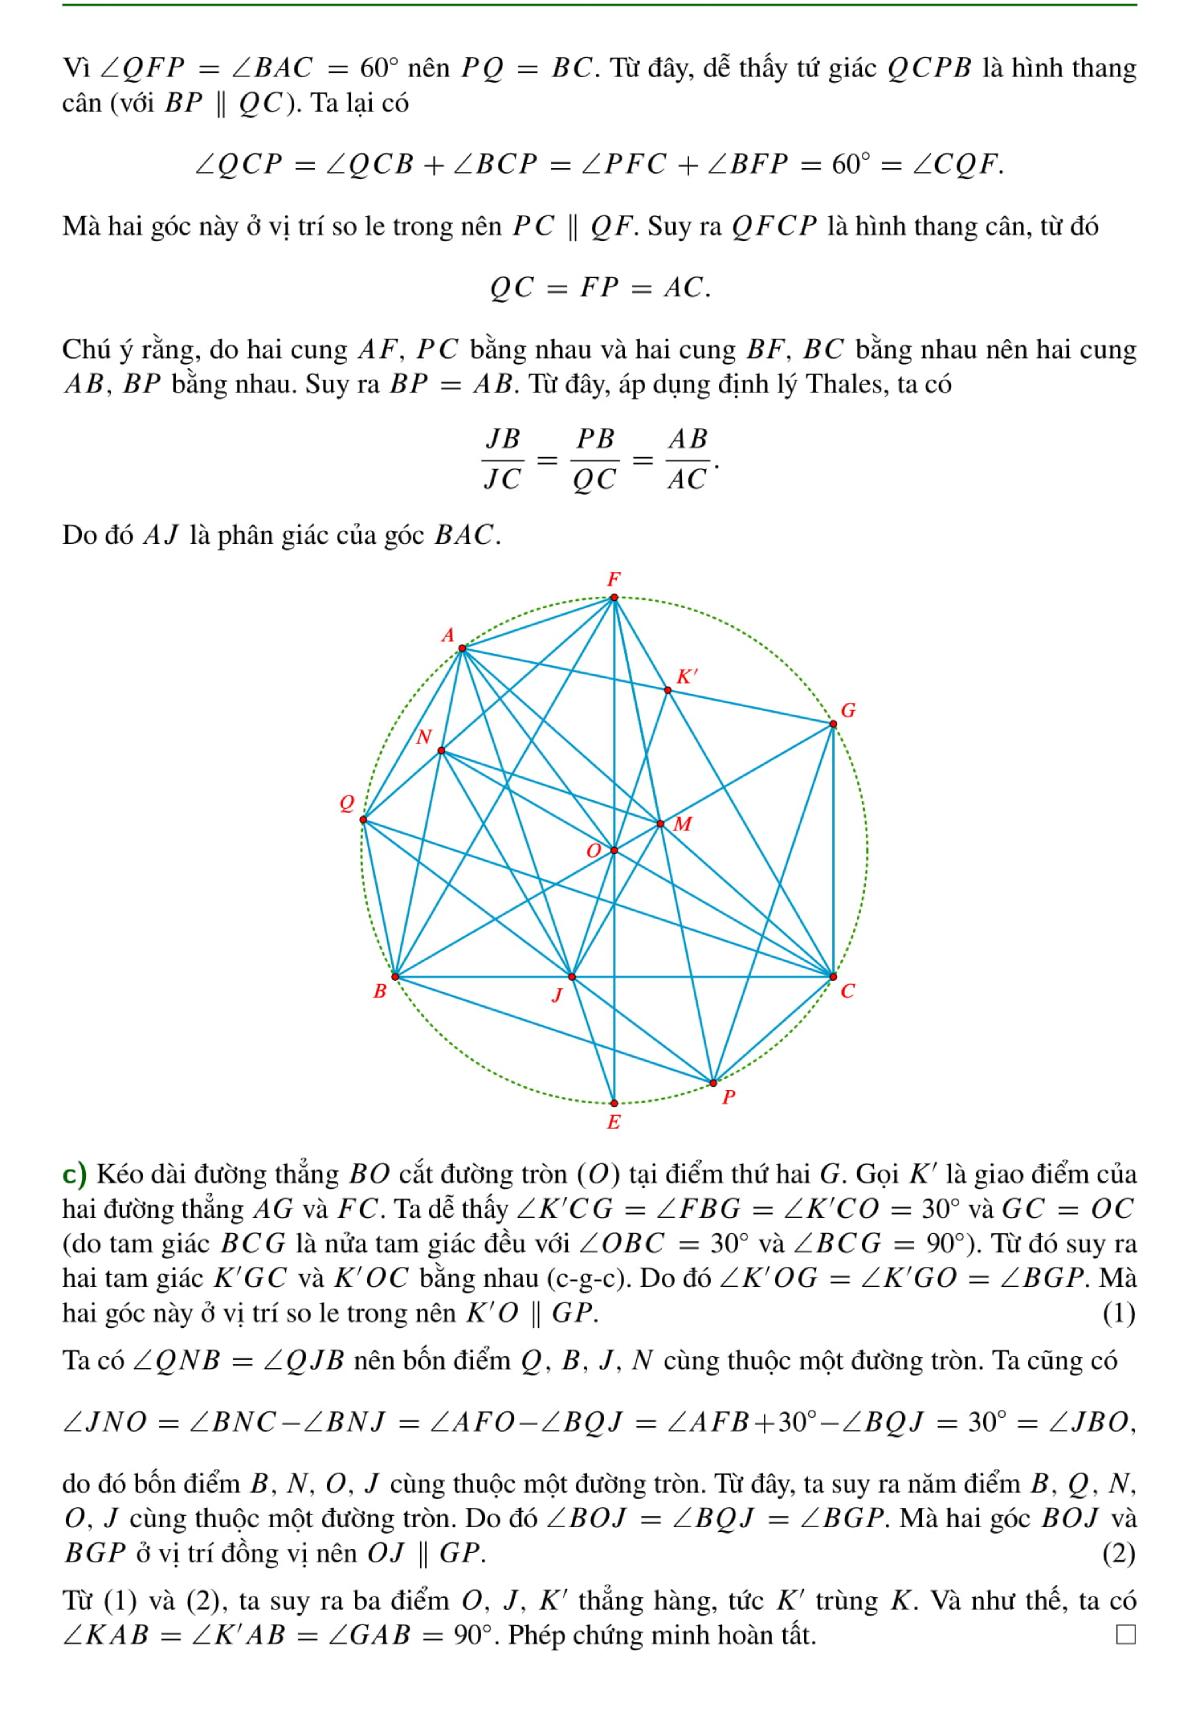 Lời giải đề thi Toán vào lớp 10 trường chuyên Hà Nội - 4